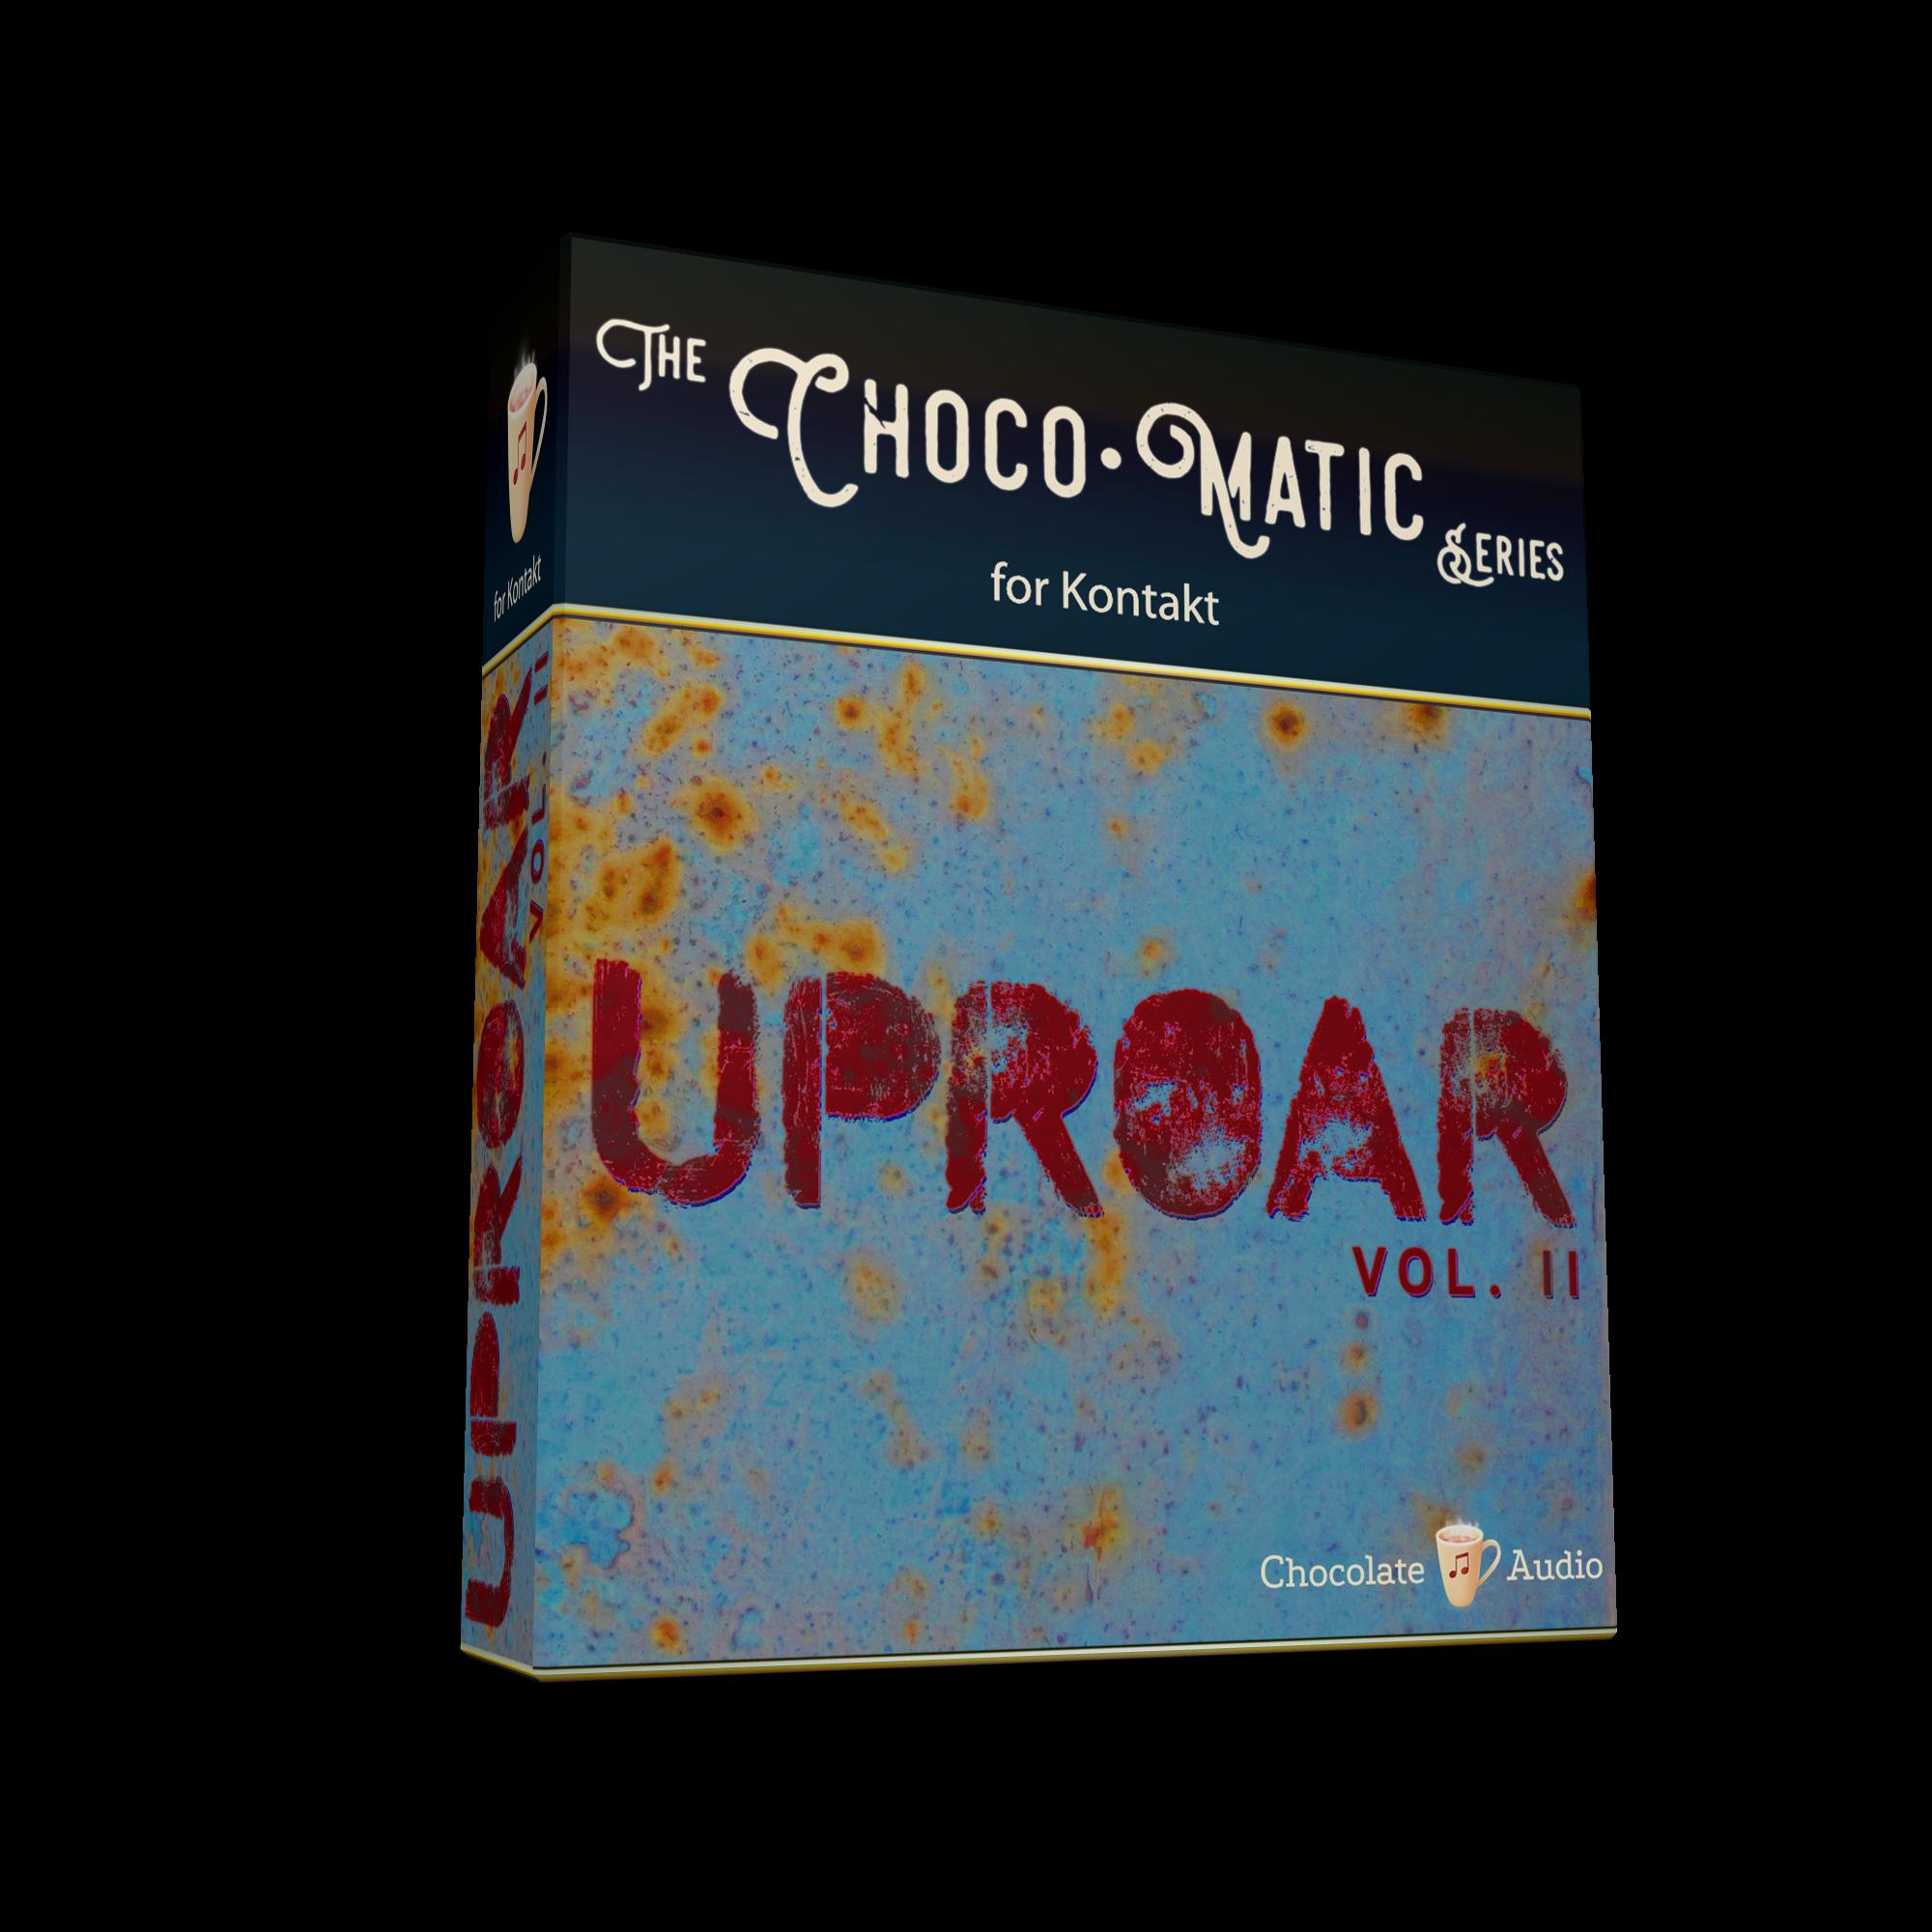 UPROAR_VOL2-Box-Full.png